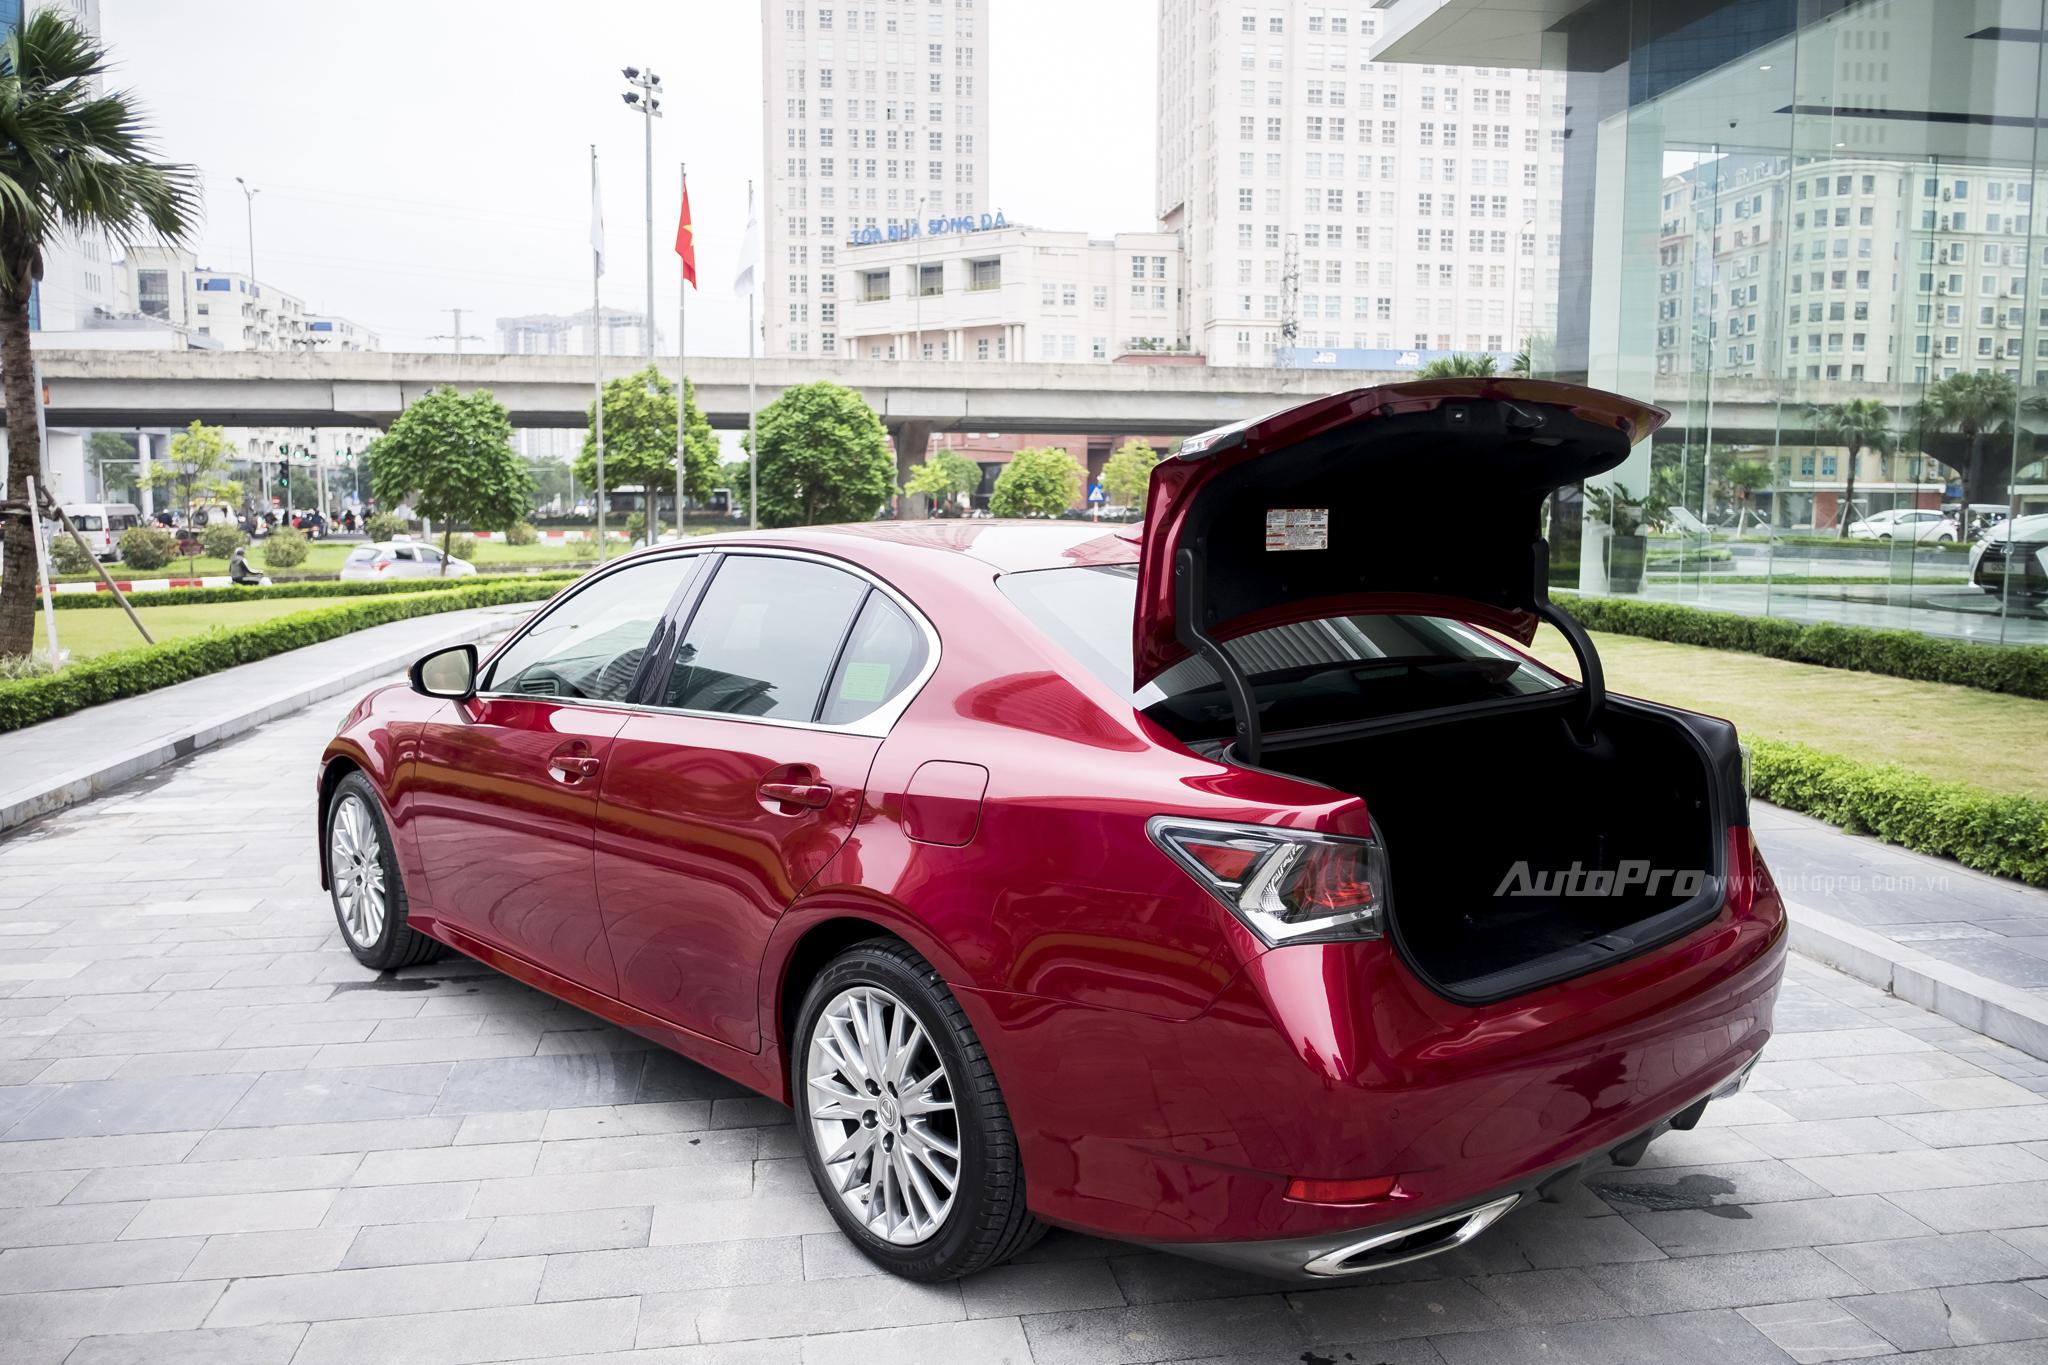 Khoang hành lý của Lexus GS200t có thể tích 405 lít, đủ rộng rãi để chứa 4 bộ gậy golf kèm 4 túi đựng đồ thể thao.